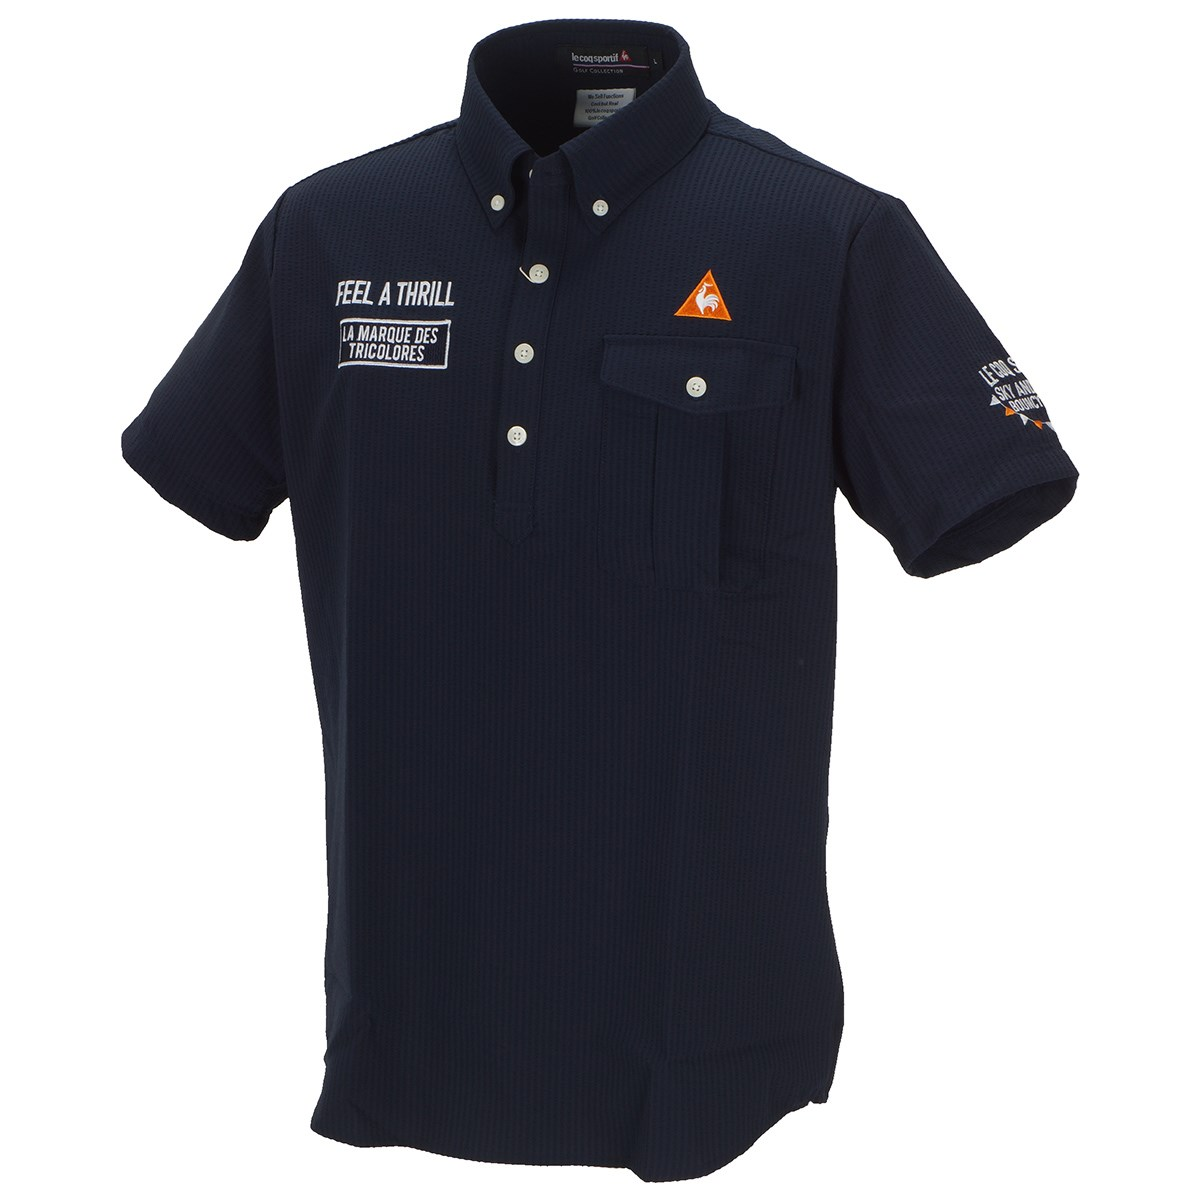 ルコックゴルフ ストレッチ プライムフレックス シャドーストライプ サッカー半袖ポロシャツ